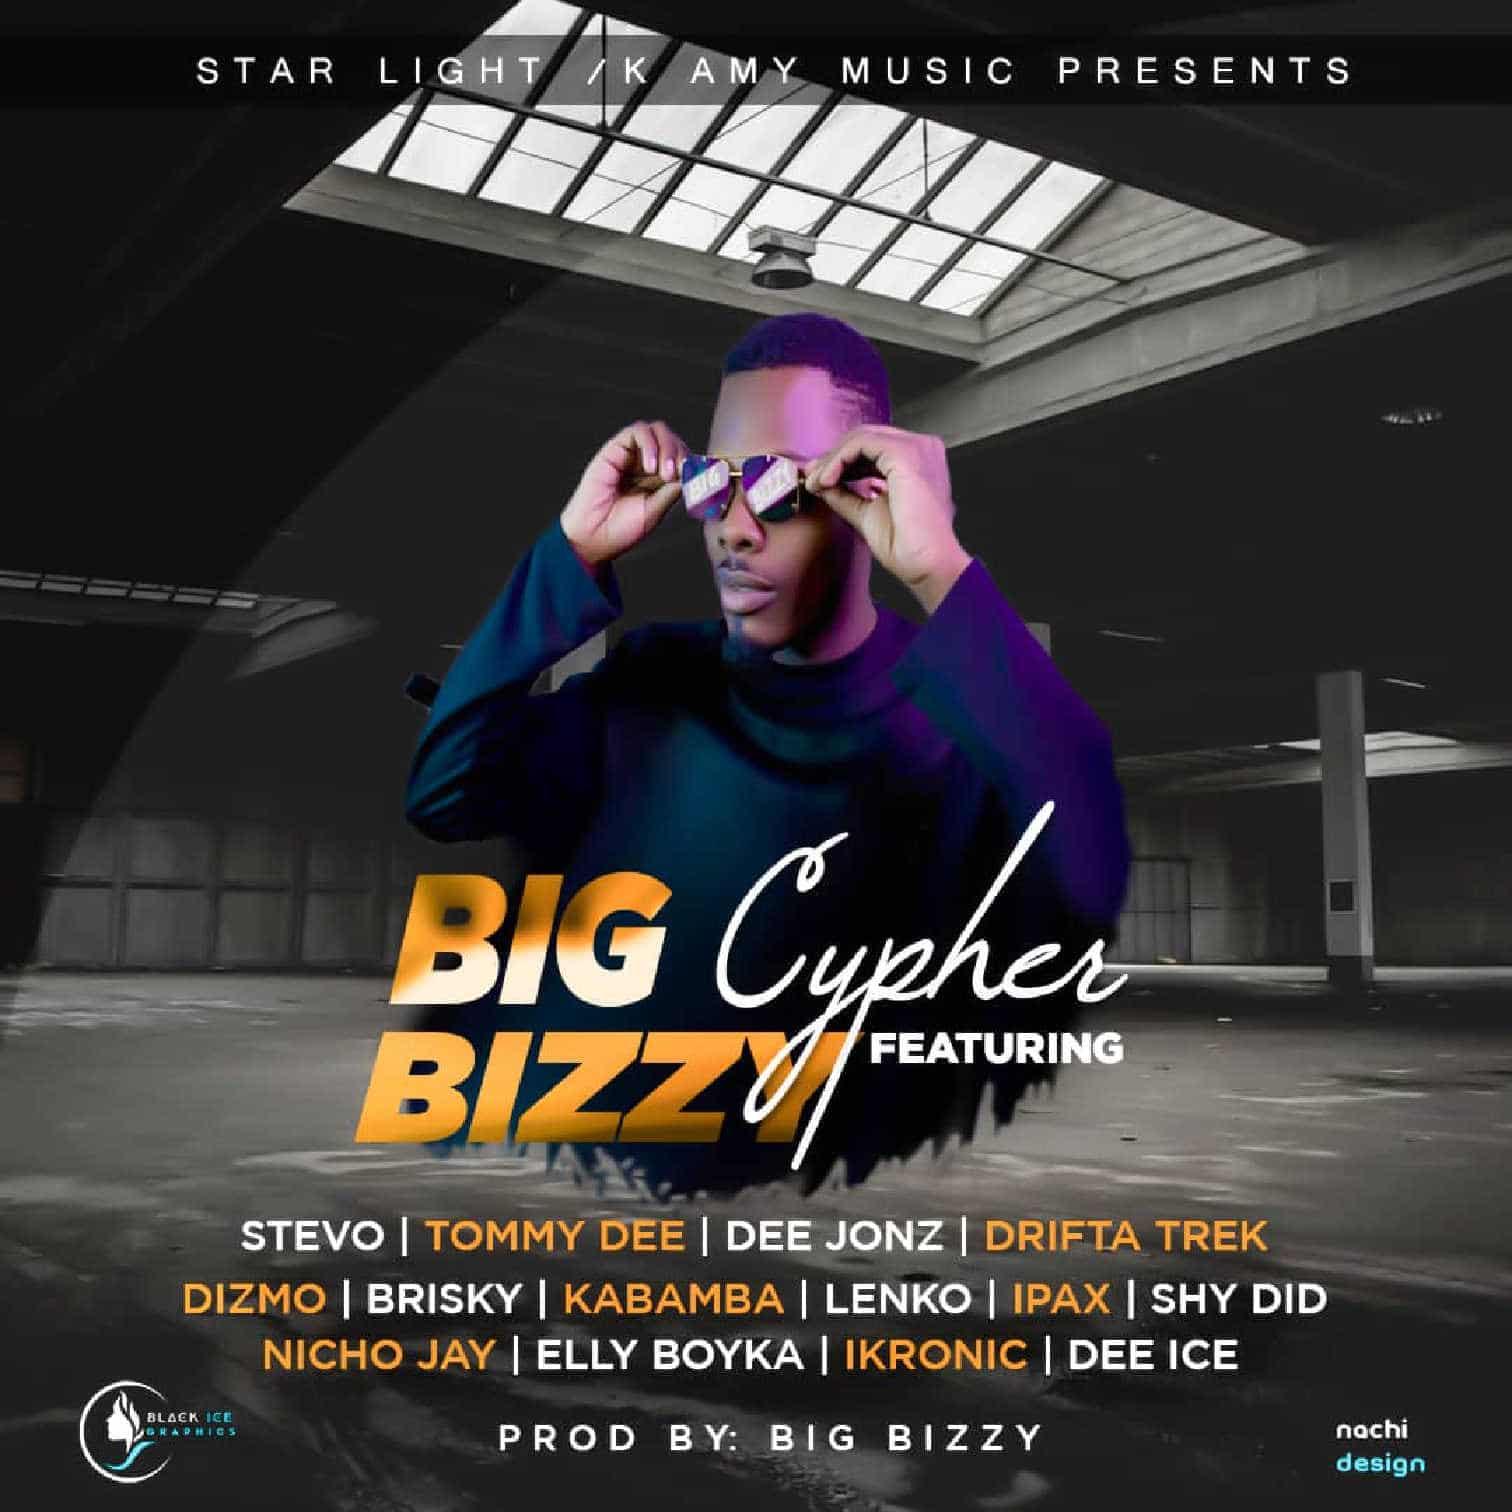 Big Bizzy Cypher Ft. Stevo Tommy Dee D Jonz Drifta Trek Dizmo Brisky Kabamba Lenko Ipax Shy Didy Nicho Jay Elly Boyka Dee Ice Ikronic